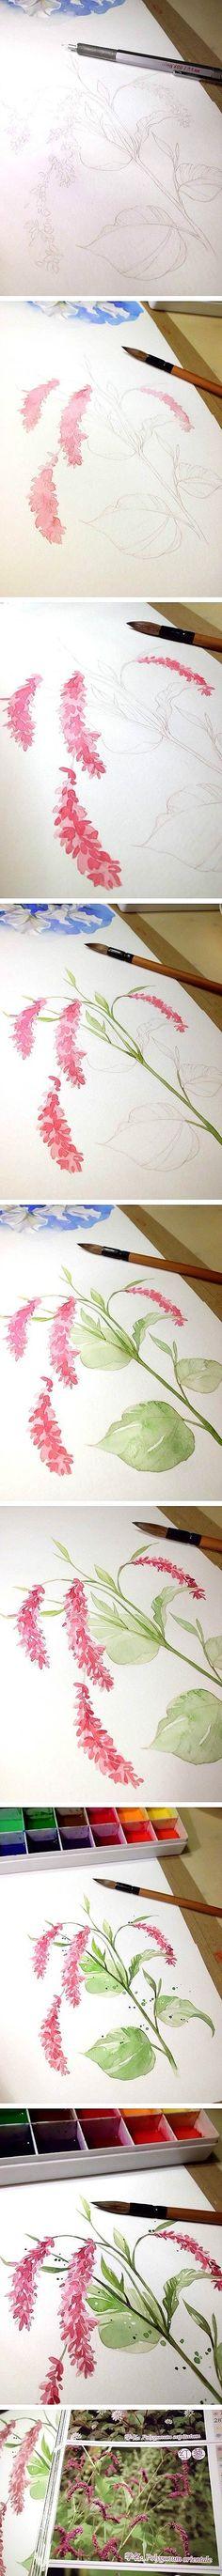 【绘画教程 插画家园原创水彩awww